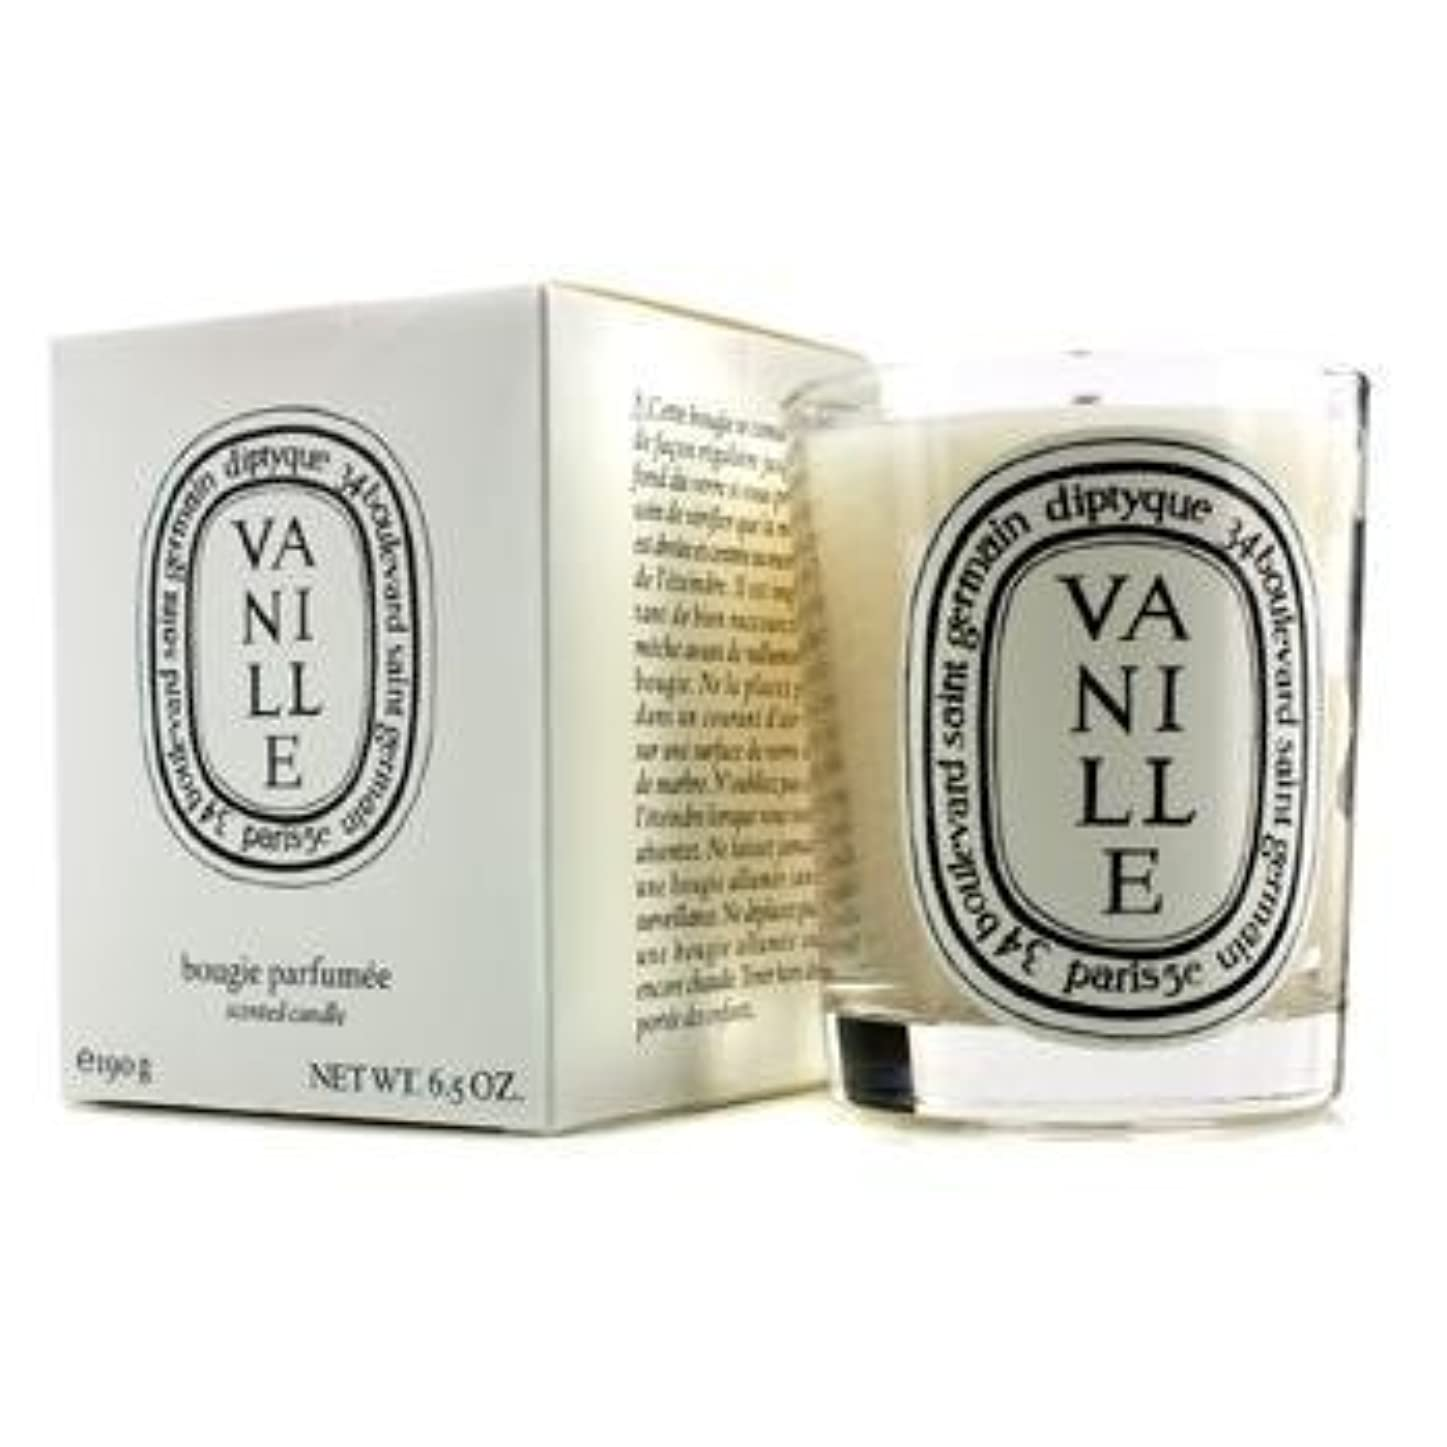 部ウナギ影響を受けやすいですDiptyque Vanilla Scented Candle by Diptyque [並行輸入品]